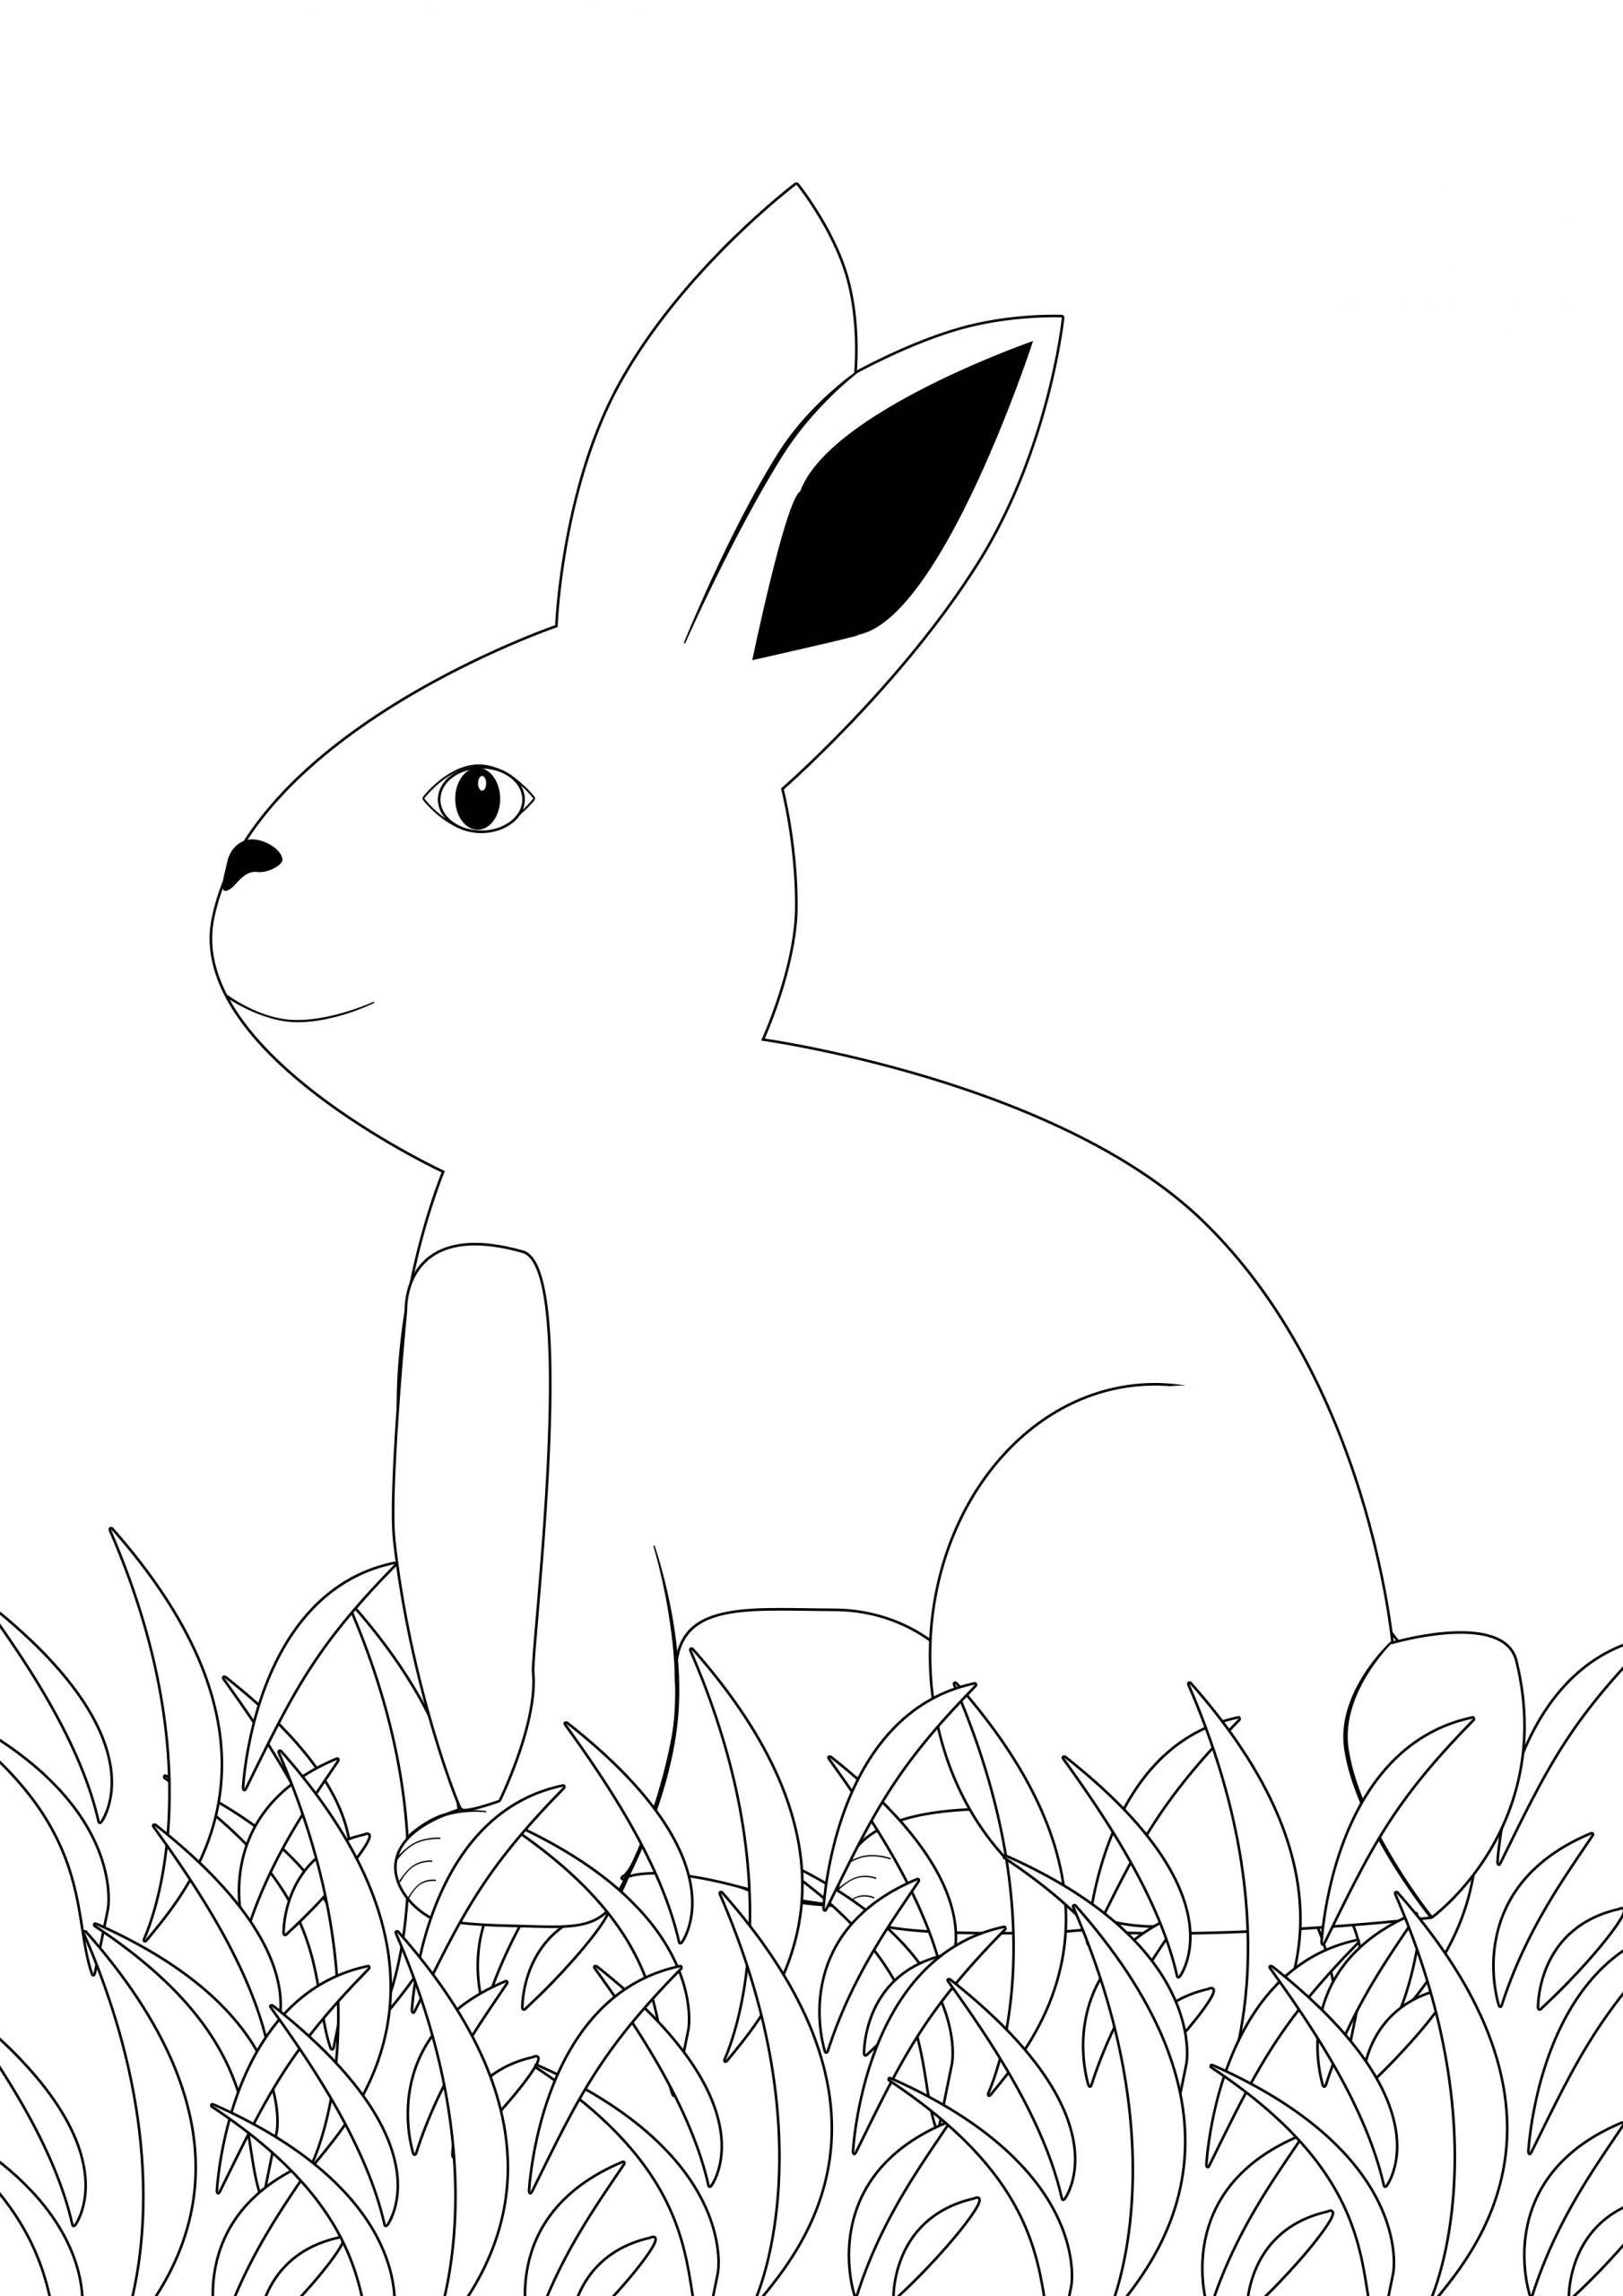 Ausmalbild Hase Feldhase - Kostenlose Malvorlagen verwandt mit Hasen Bilder Zum Ausdrucken Kostenlos